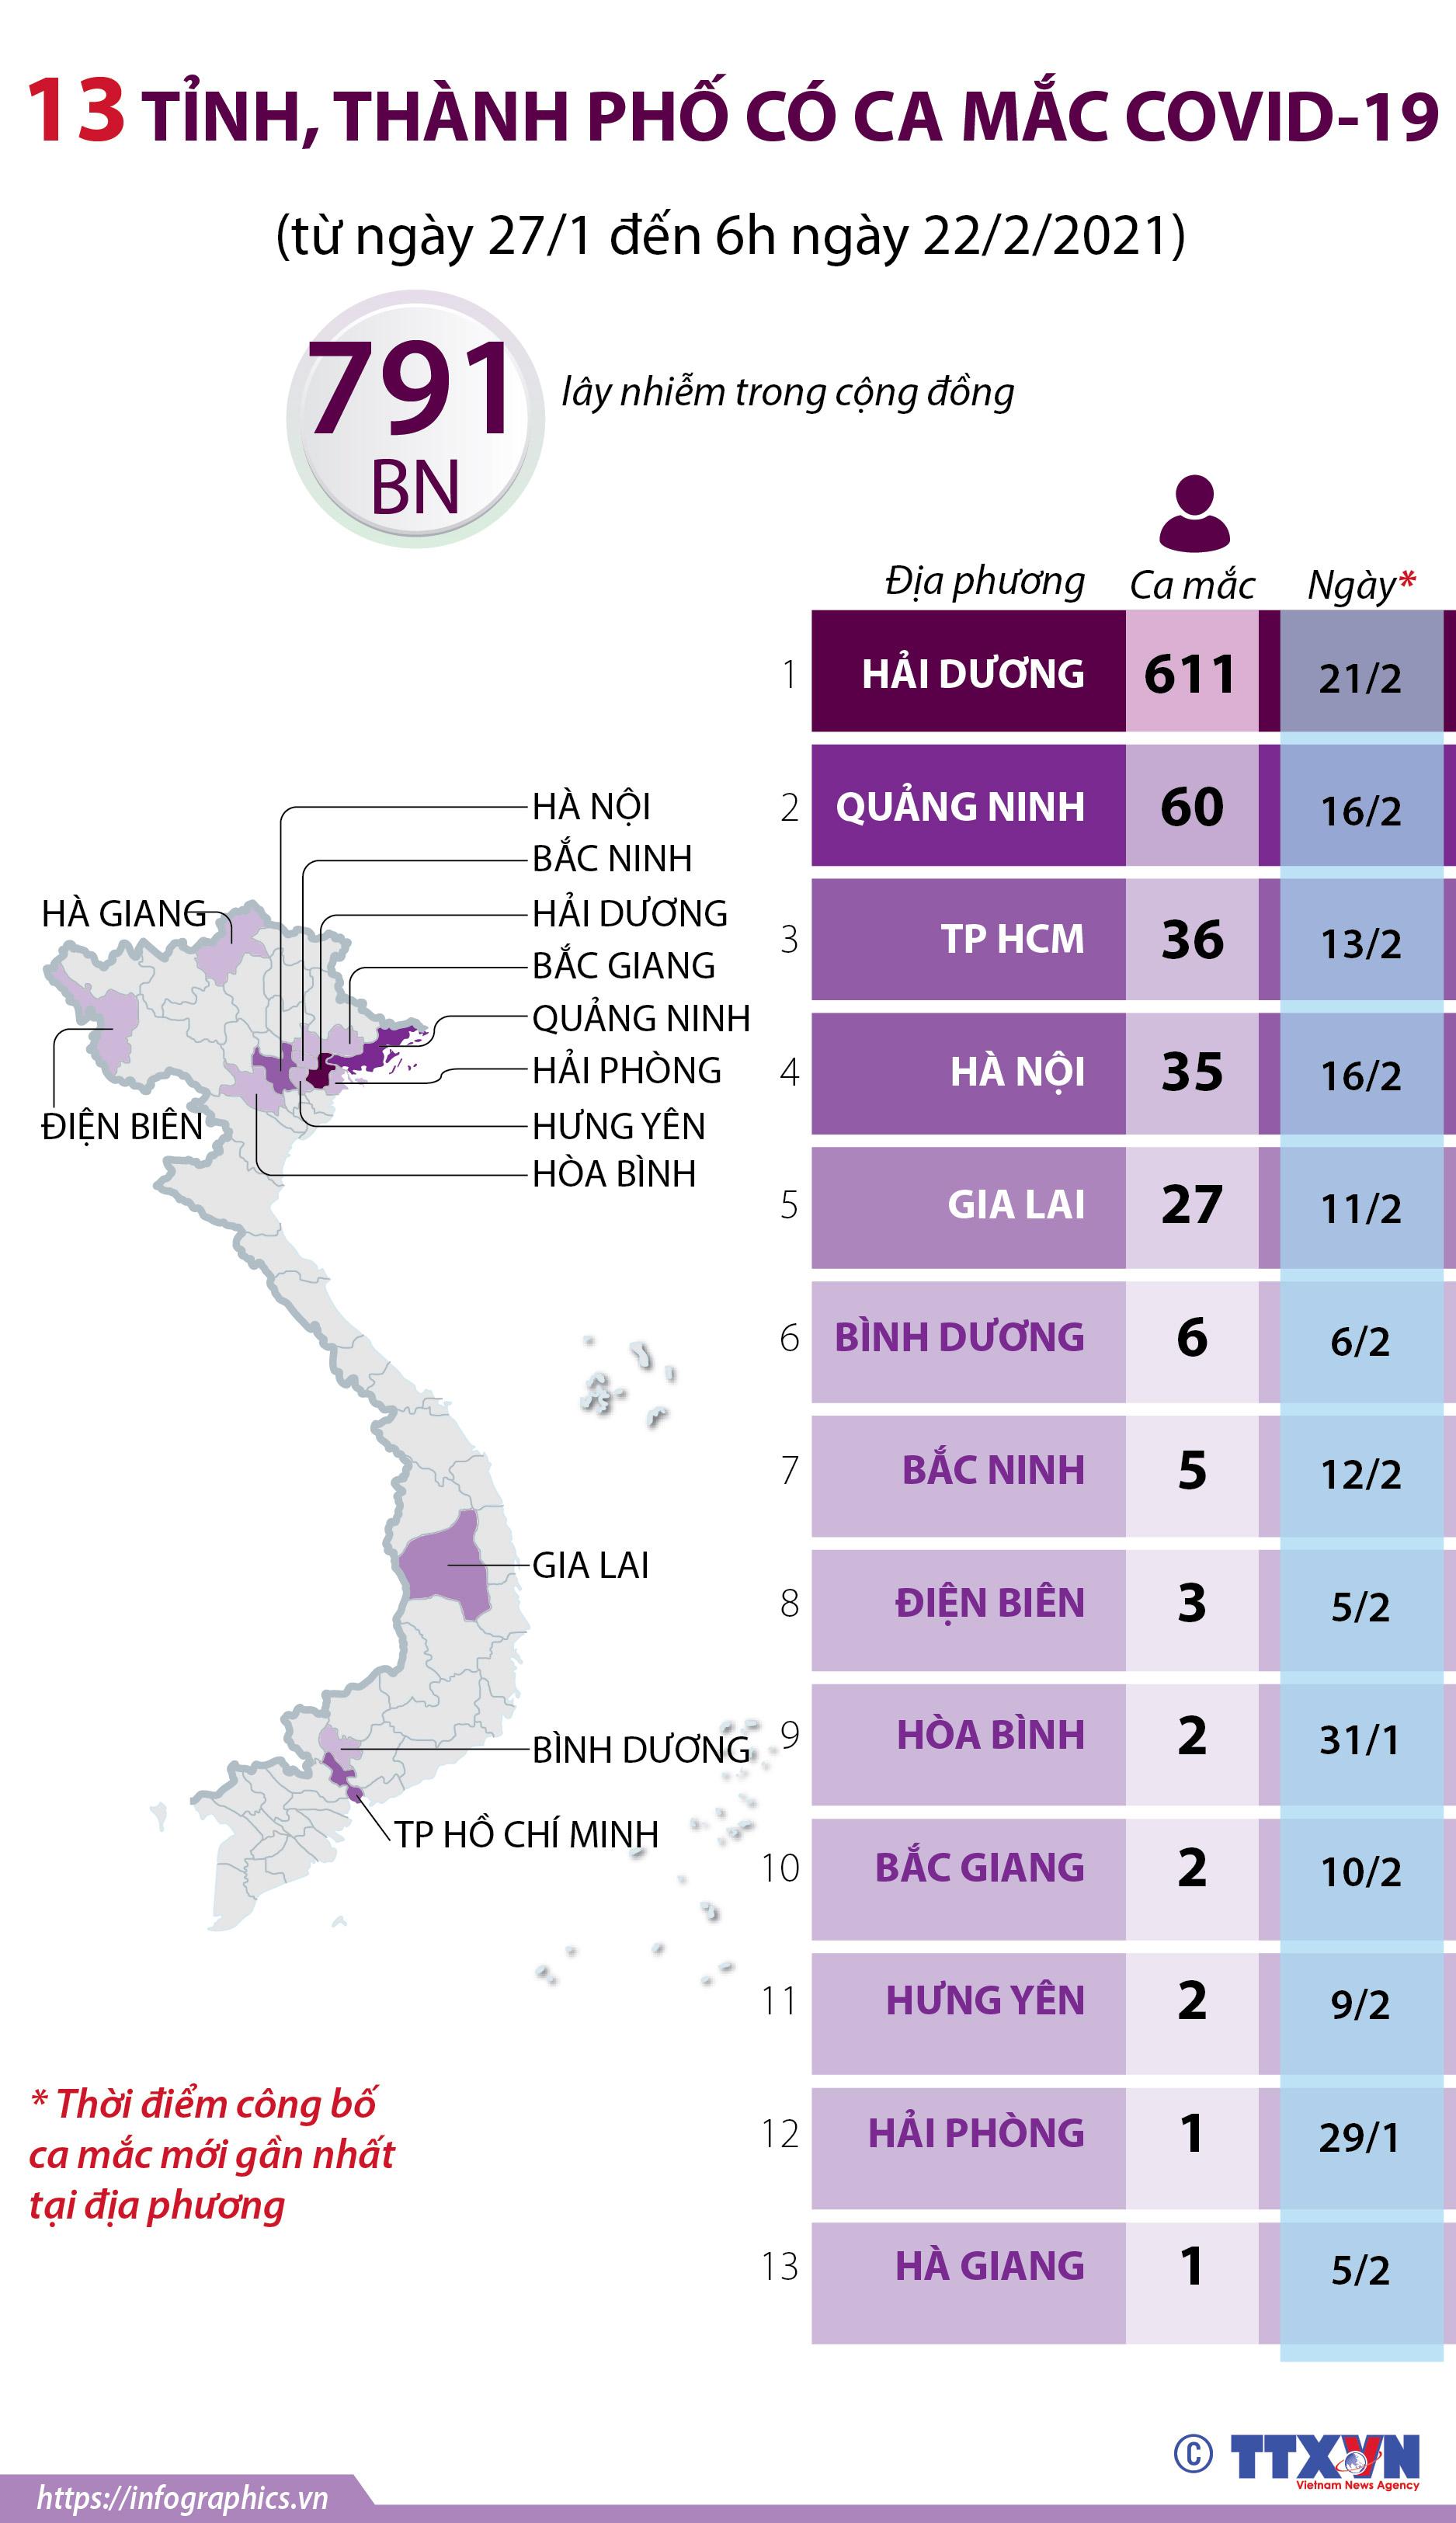 13 tỉnh, thành phố có ca mắc COVID-19